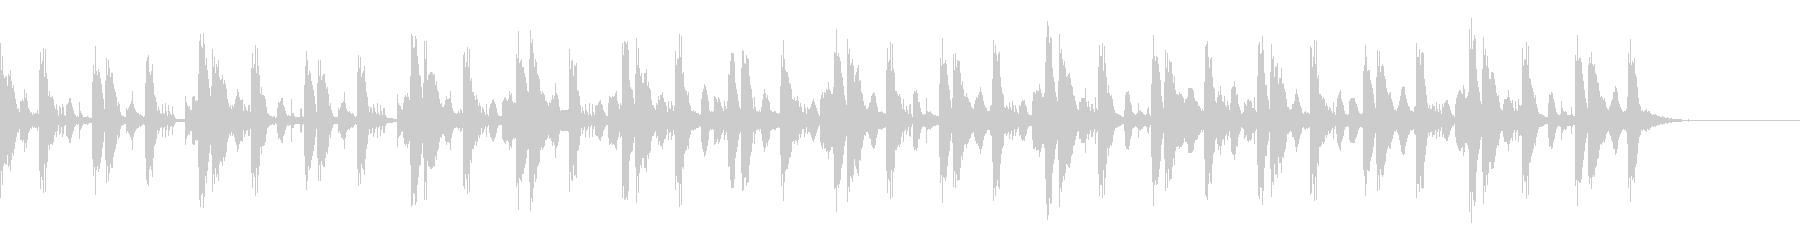 現代的なストリングスのCM用BGMの未再生の波形